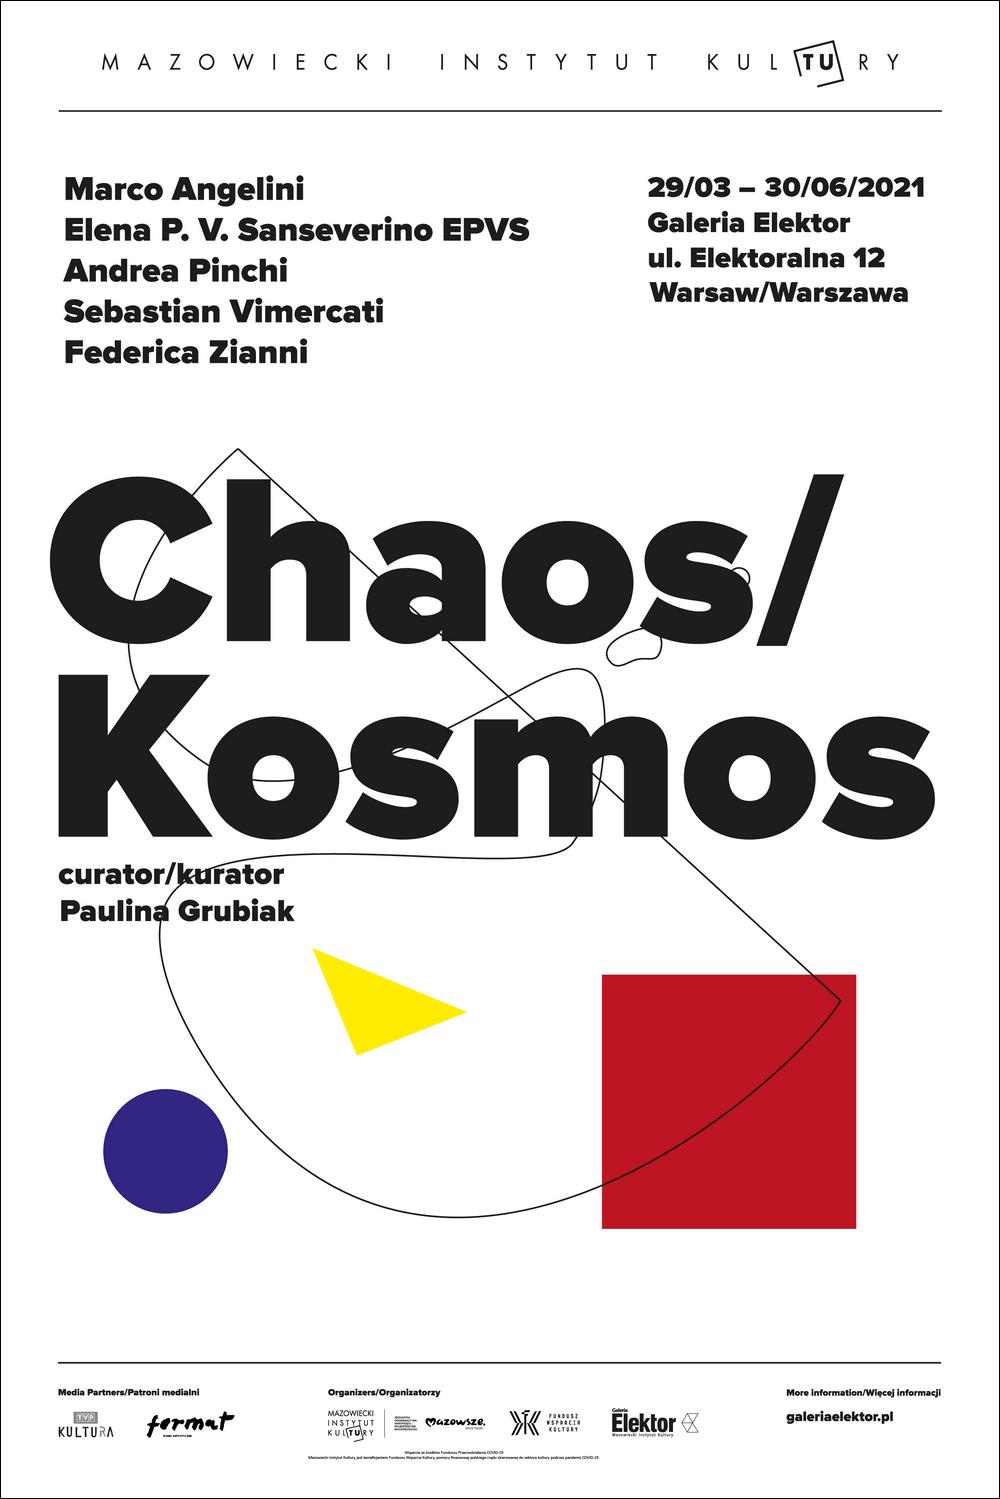 biała plansza z czarnym napisem Chaos/Kosmos